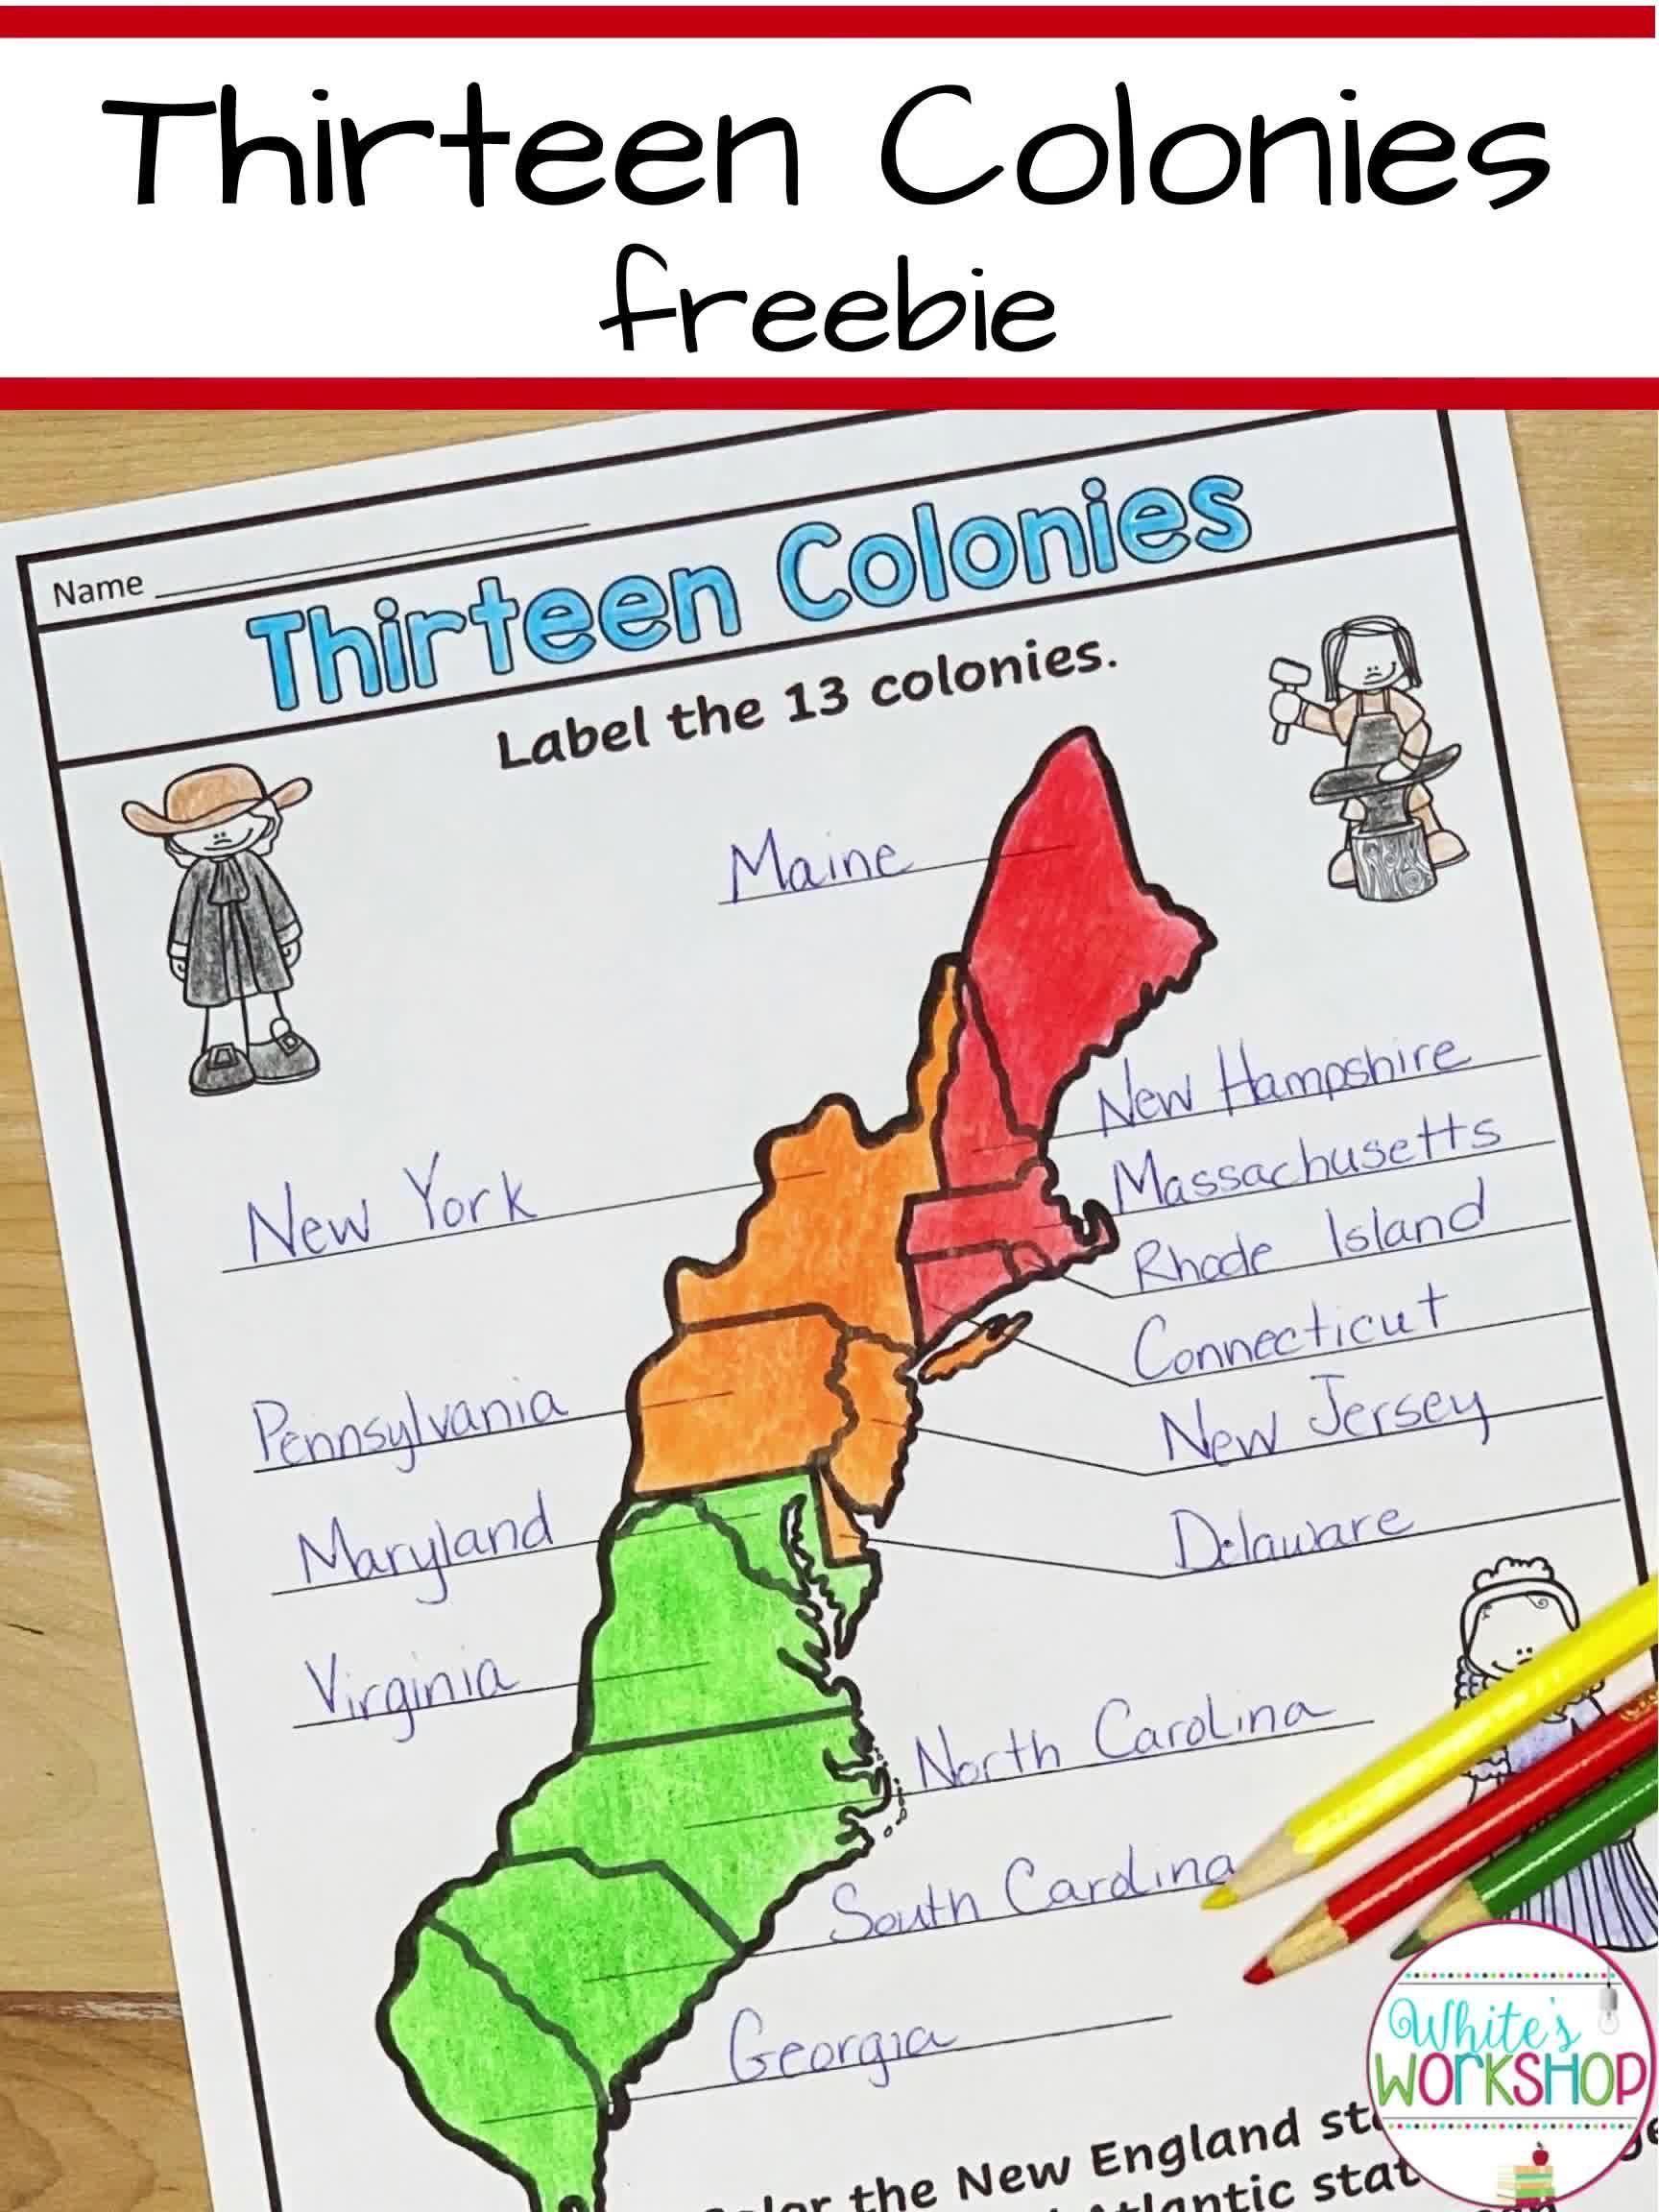 Thirteen Colonies Video Social Studies Elementary Social Studies Lesson Plans Social Studies Worksheets [ 2304 x 1728 Pixel ]